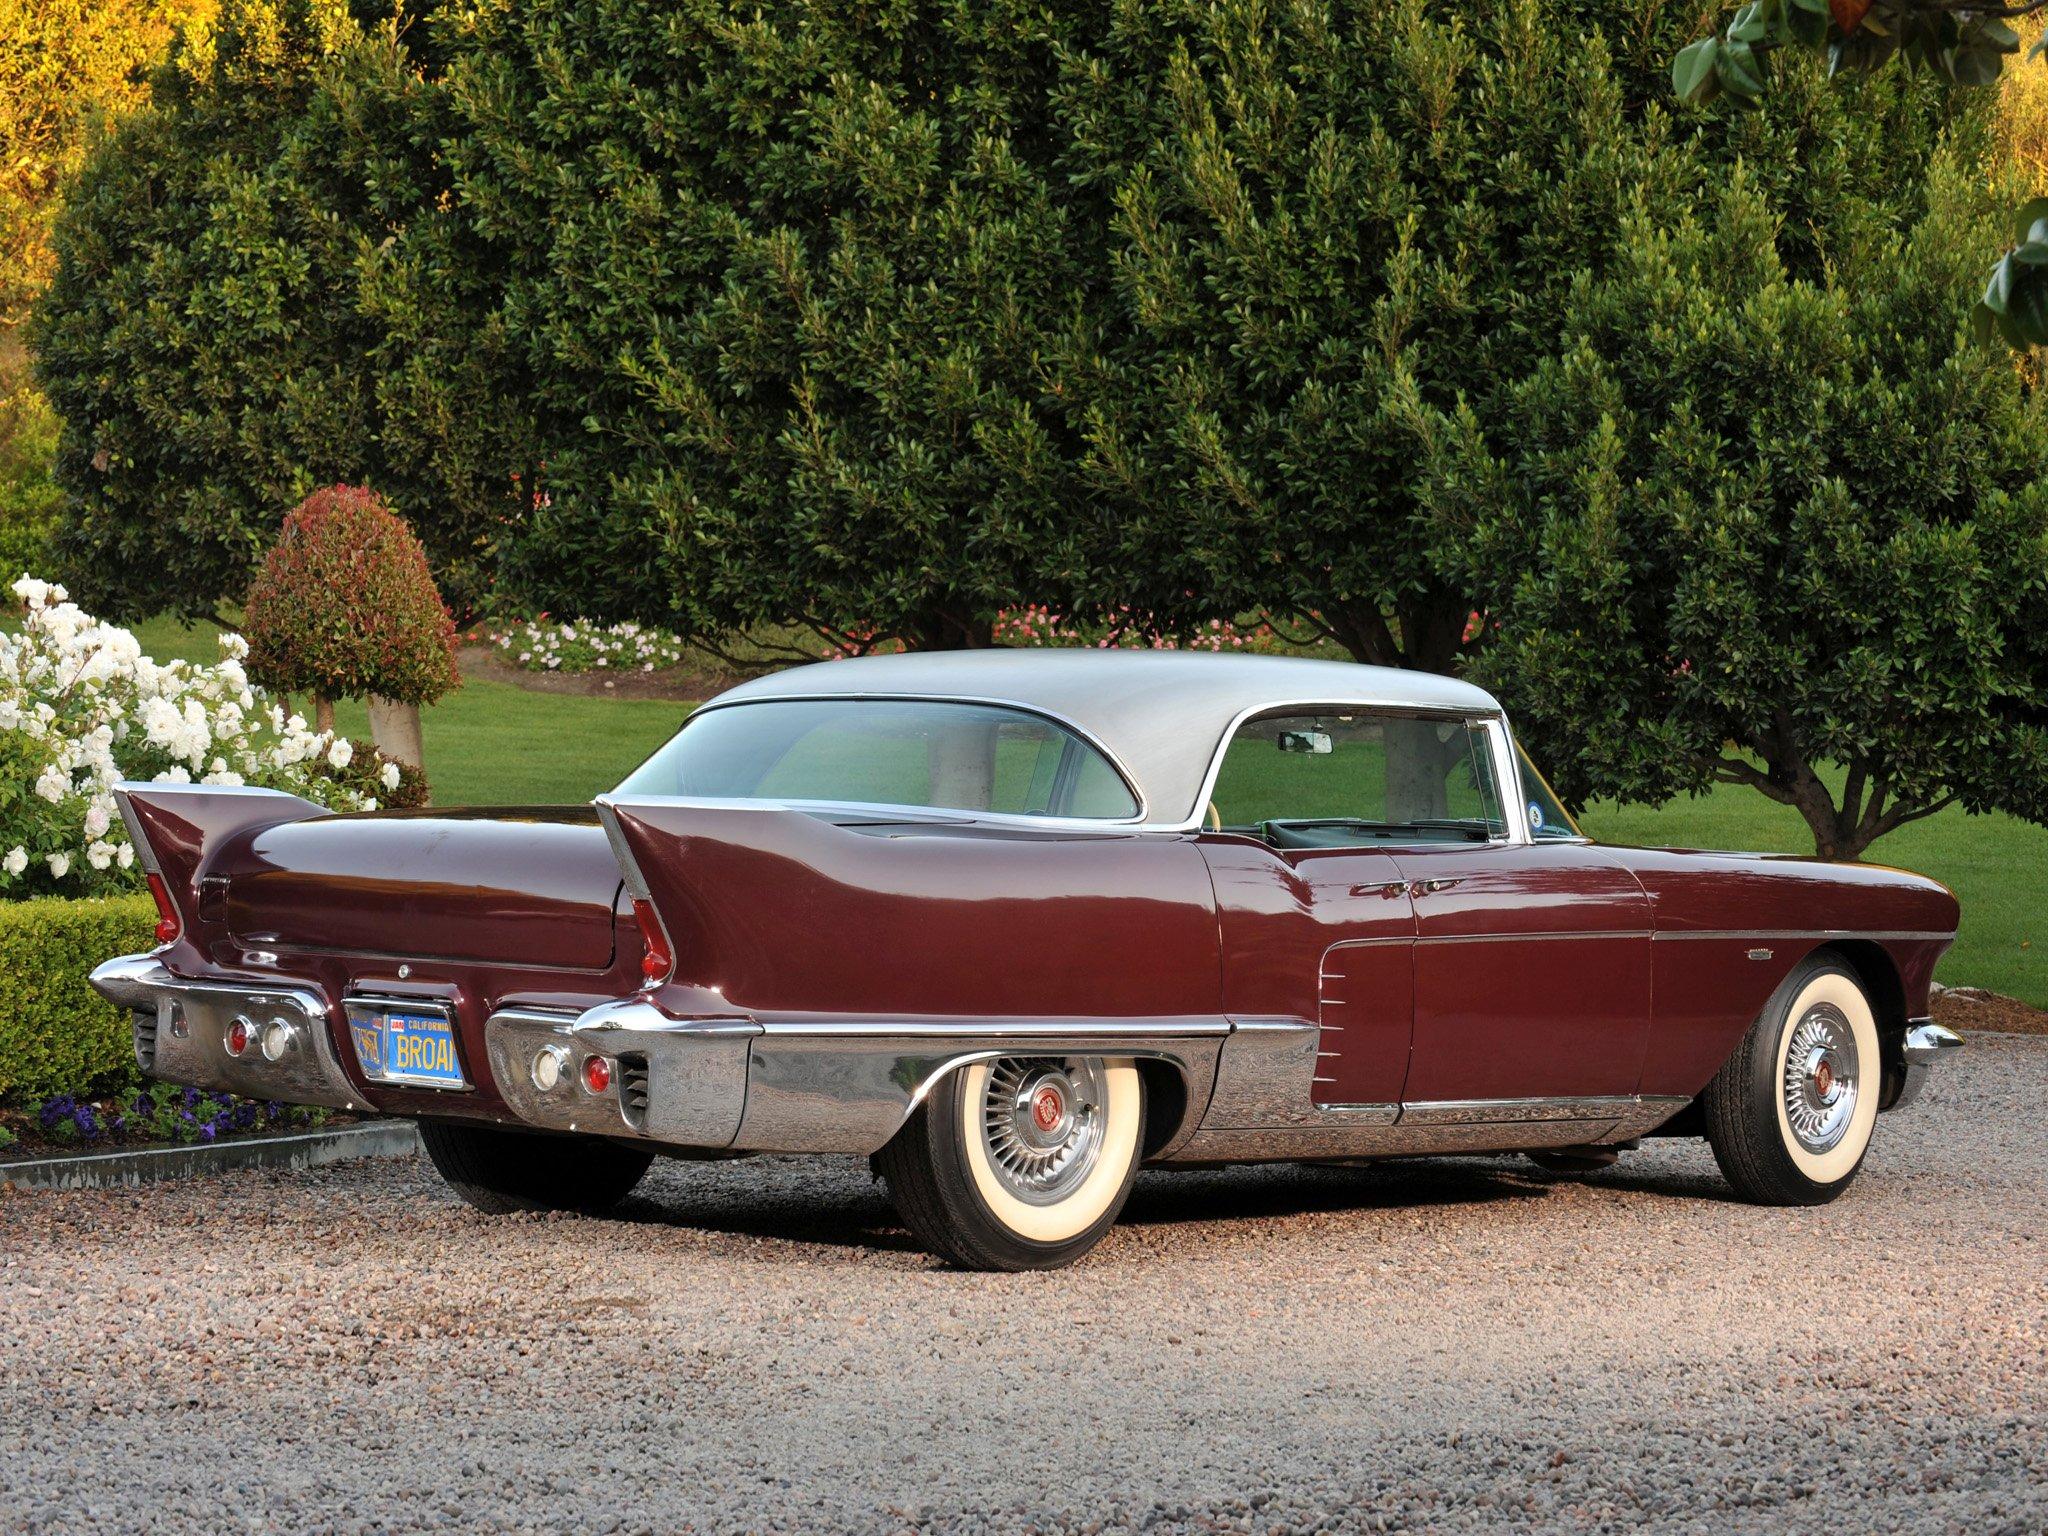 Cadillac El Dorado 2017 >> 1958 Cadillac Eldorado Brougham 7059X luxury retro wallpaper   2048x1536   599381   WallpaperUP